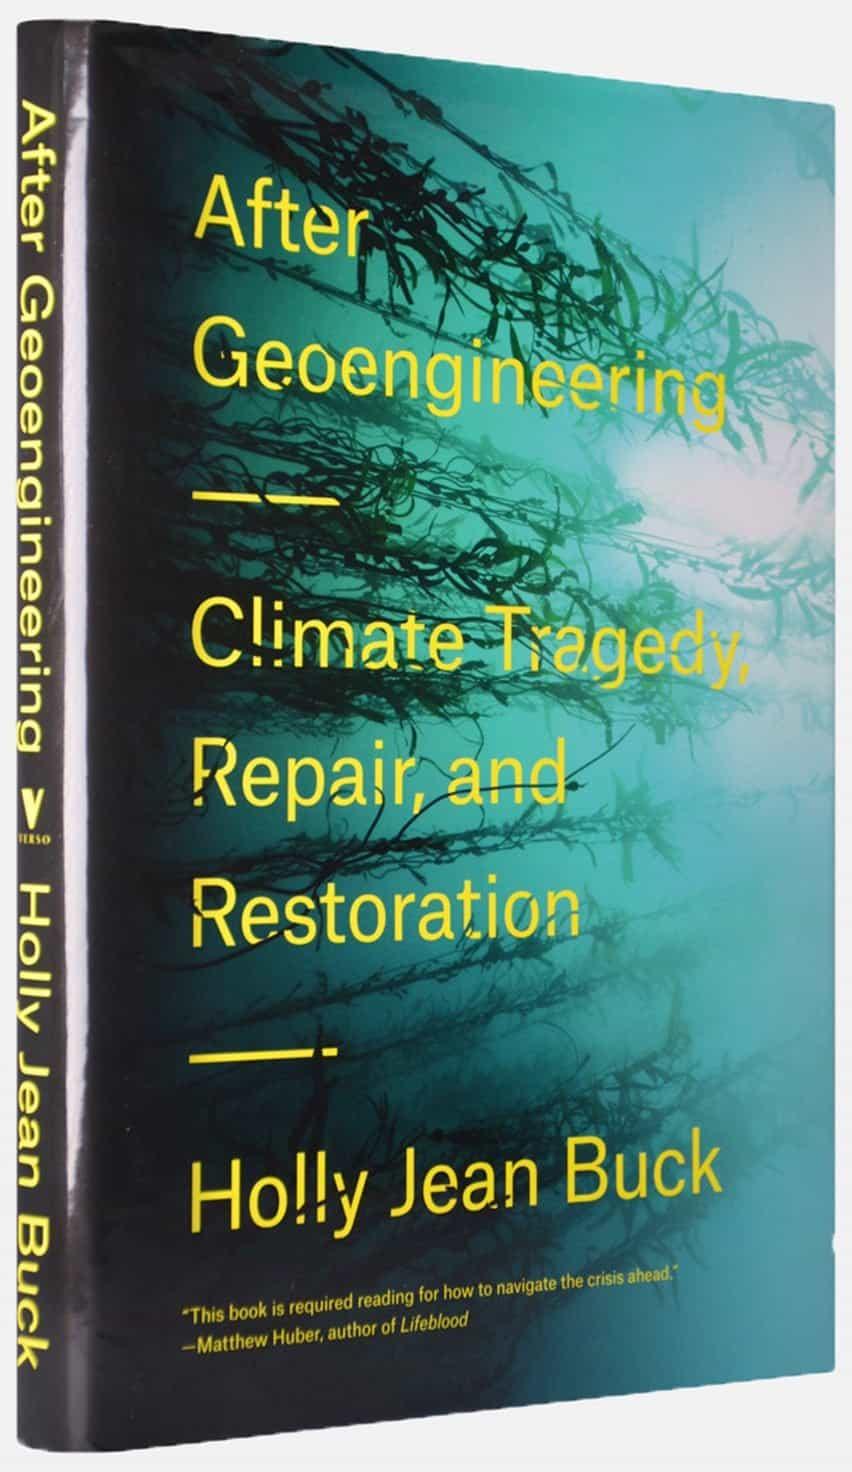 Después de la tragedia, la reparación y la restauración climáticas de la geoingeniería